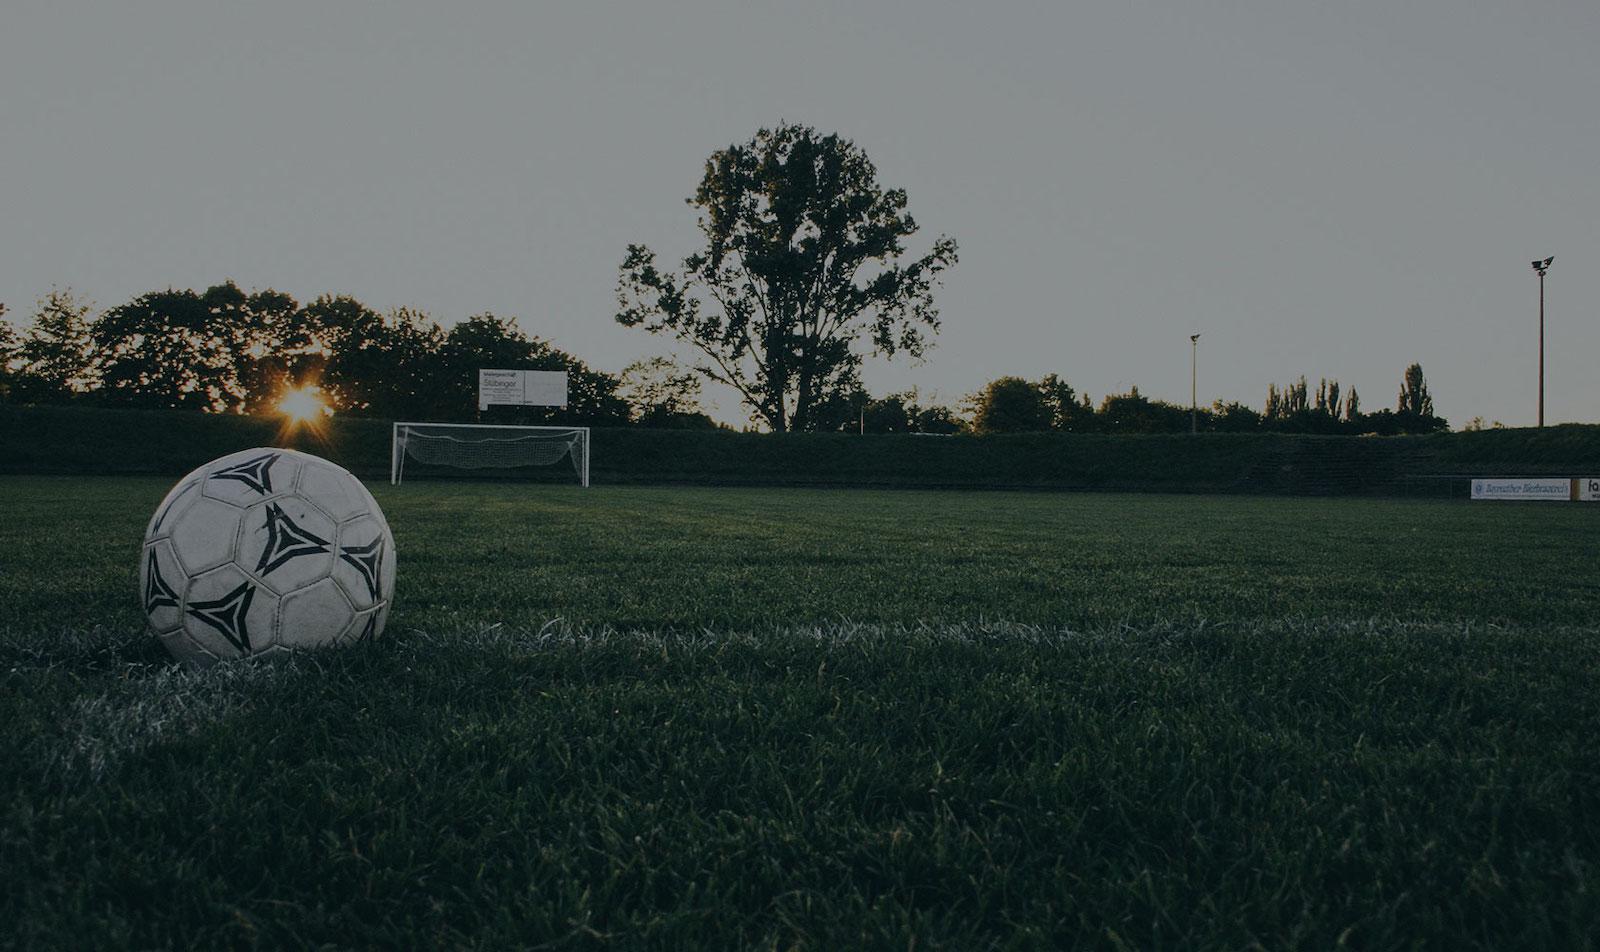 Sunset football grass